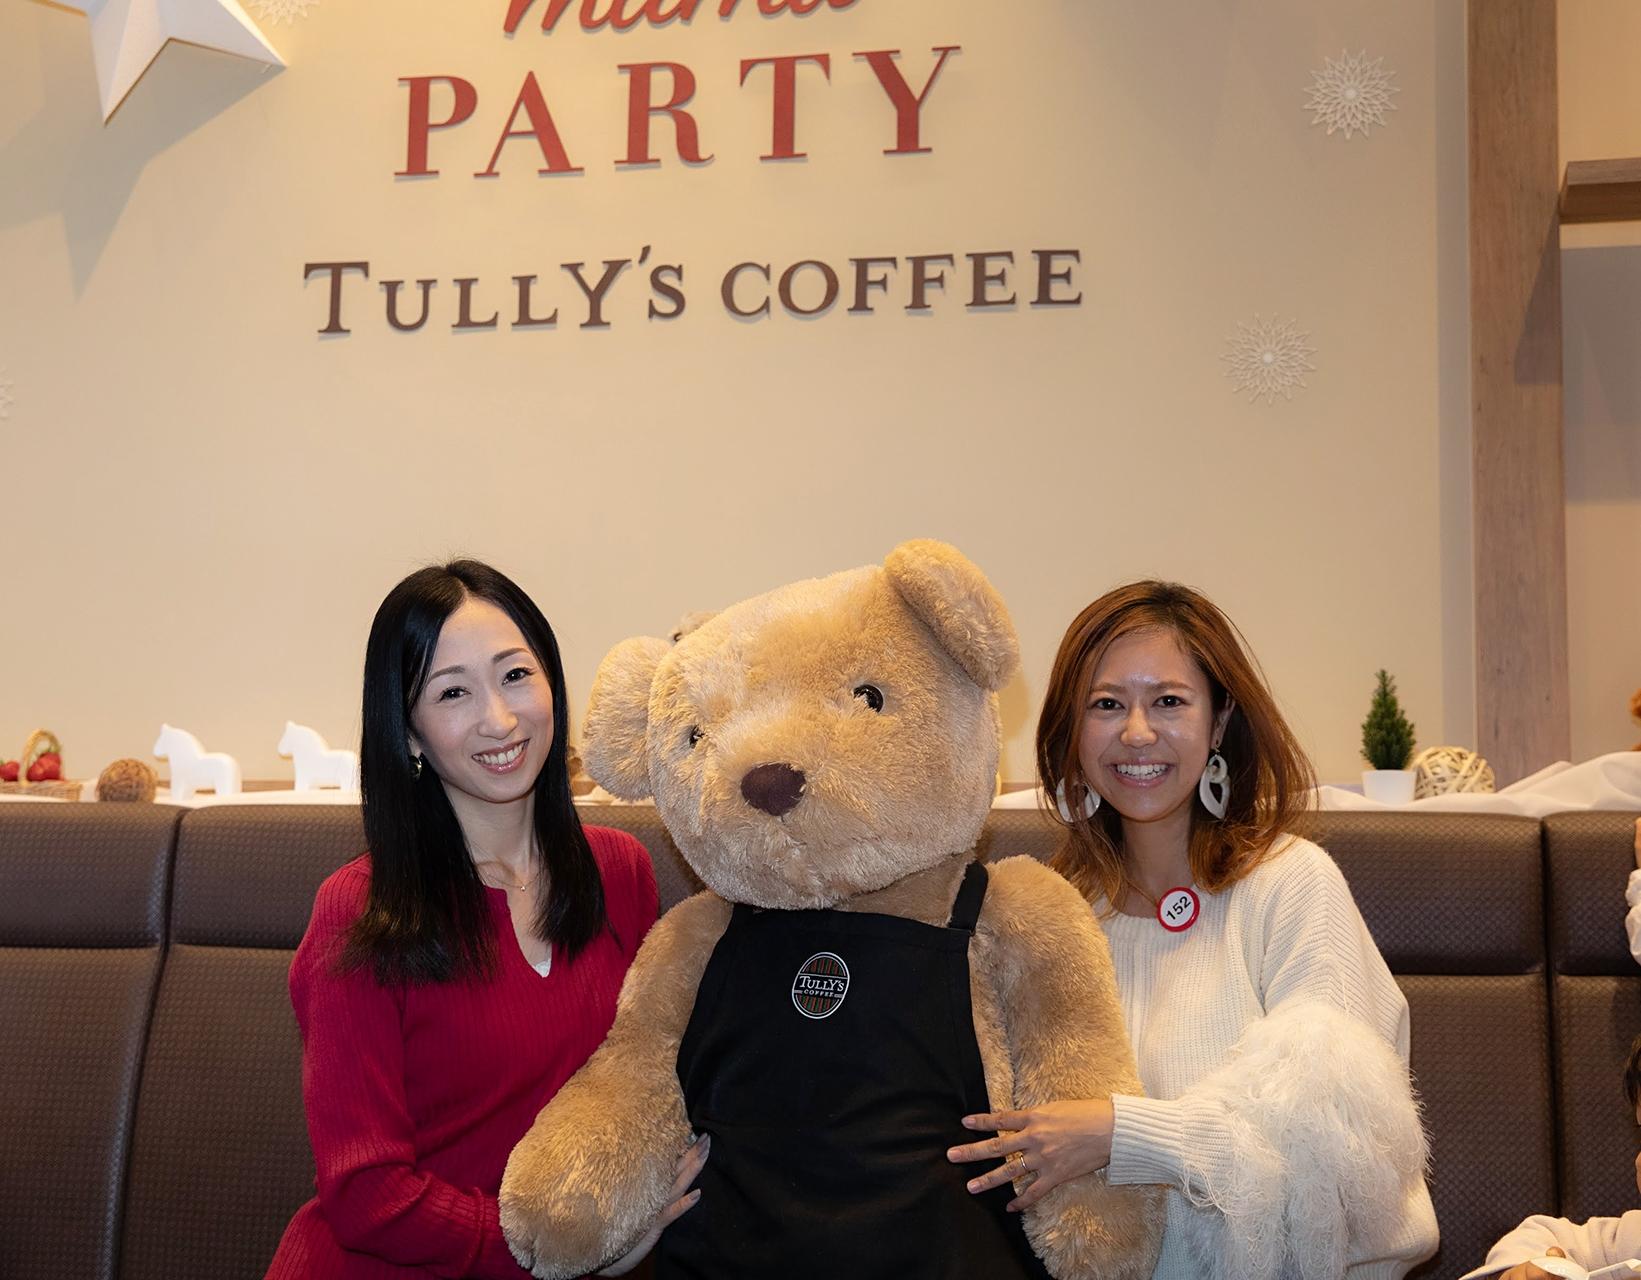 【11/13open】南町田グランベリーパークのTULLY'S COFFEEへ一足先におじゃましました【東京ママパーティー】TULLY'S COFFEEのホリデーシーズンのメニューを堪能!_12